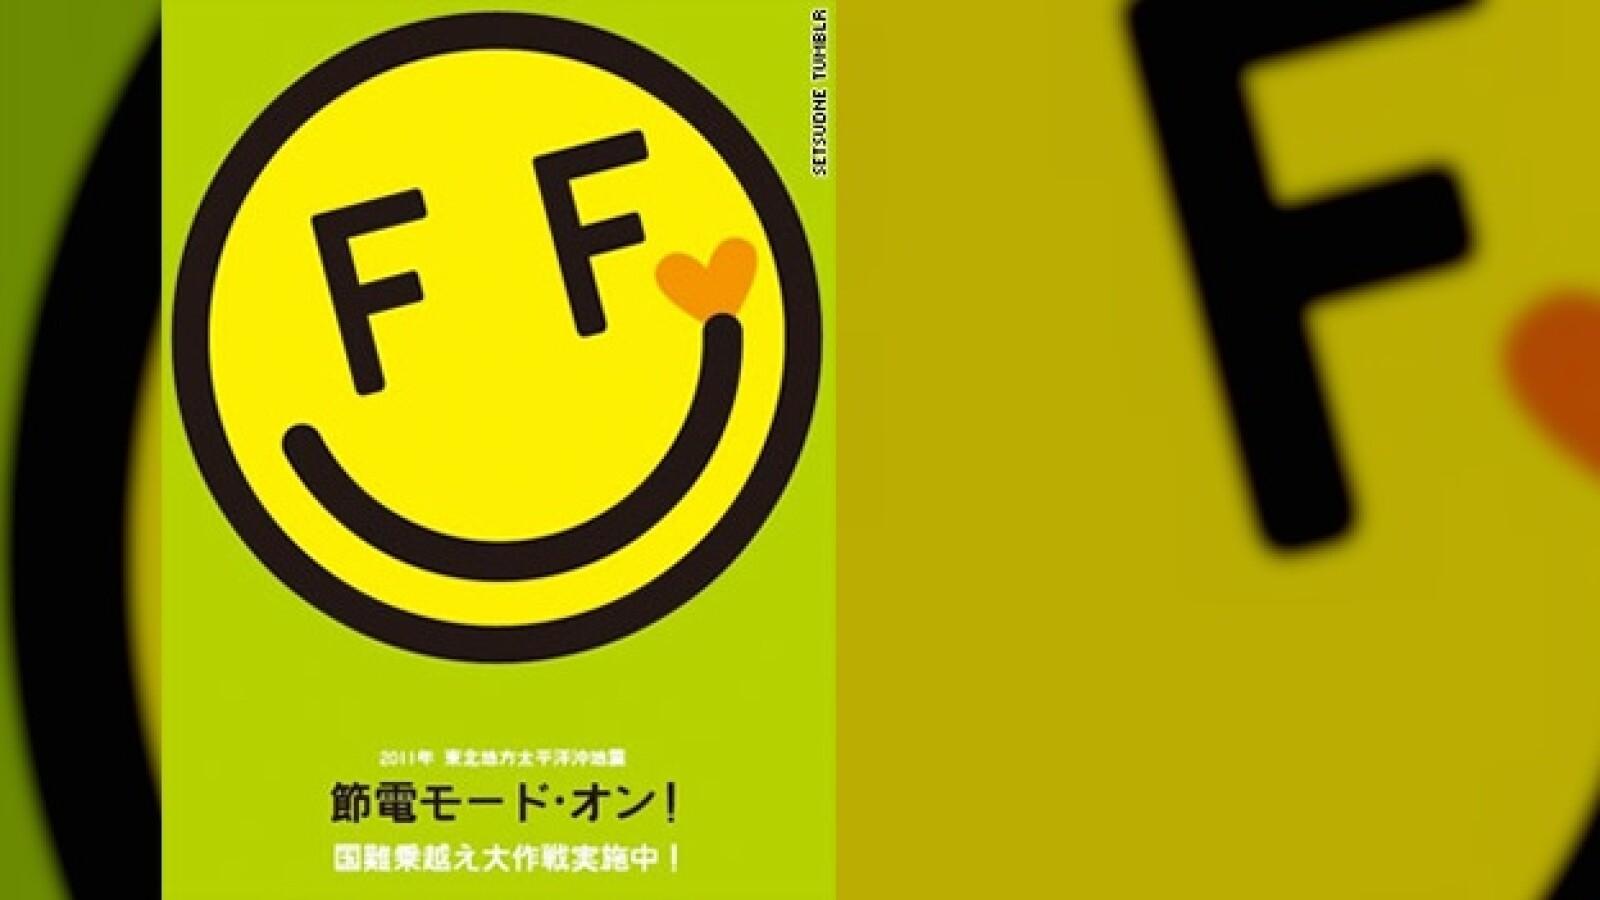 japón ahorro energético poster